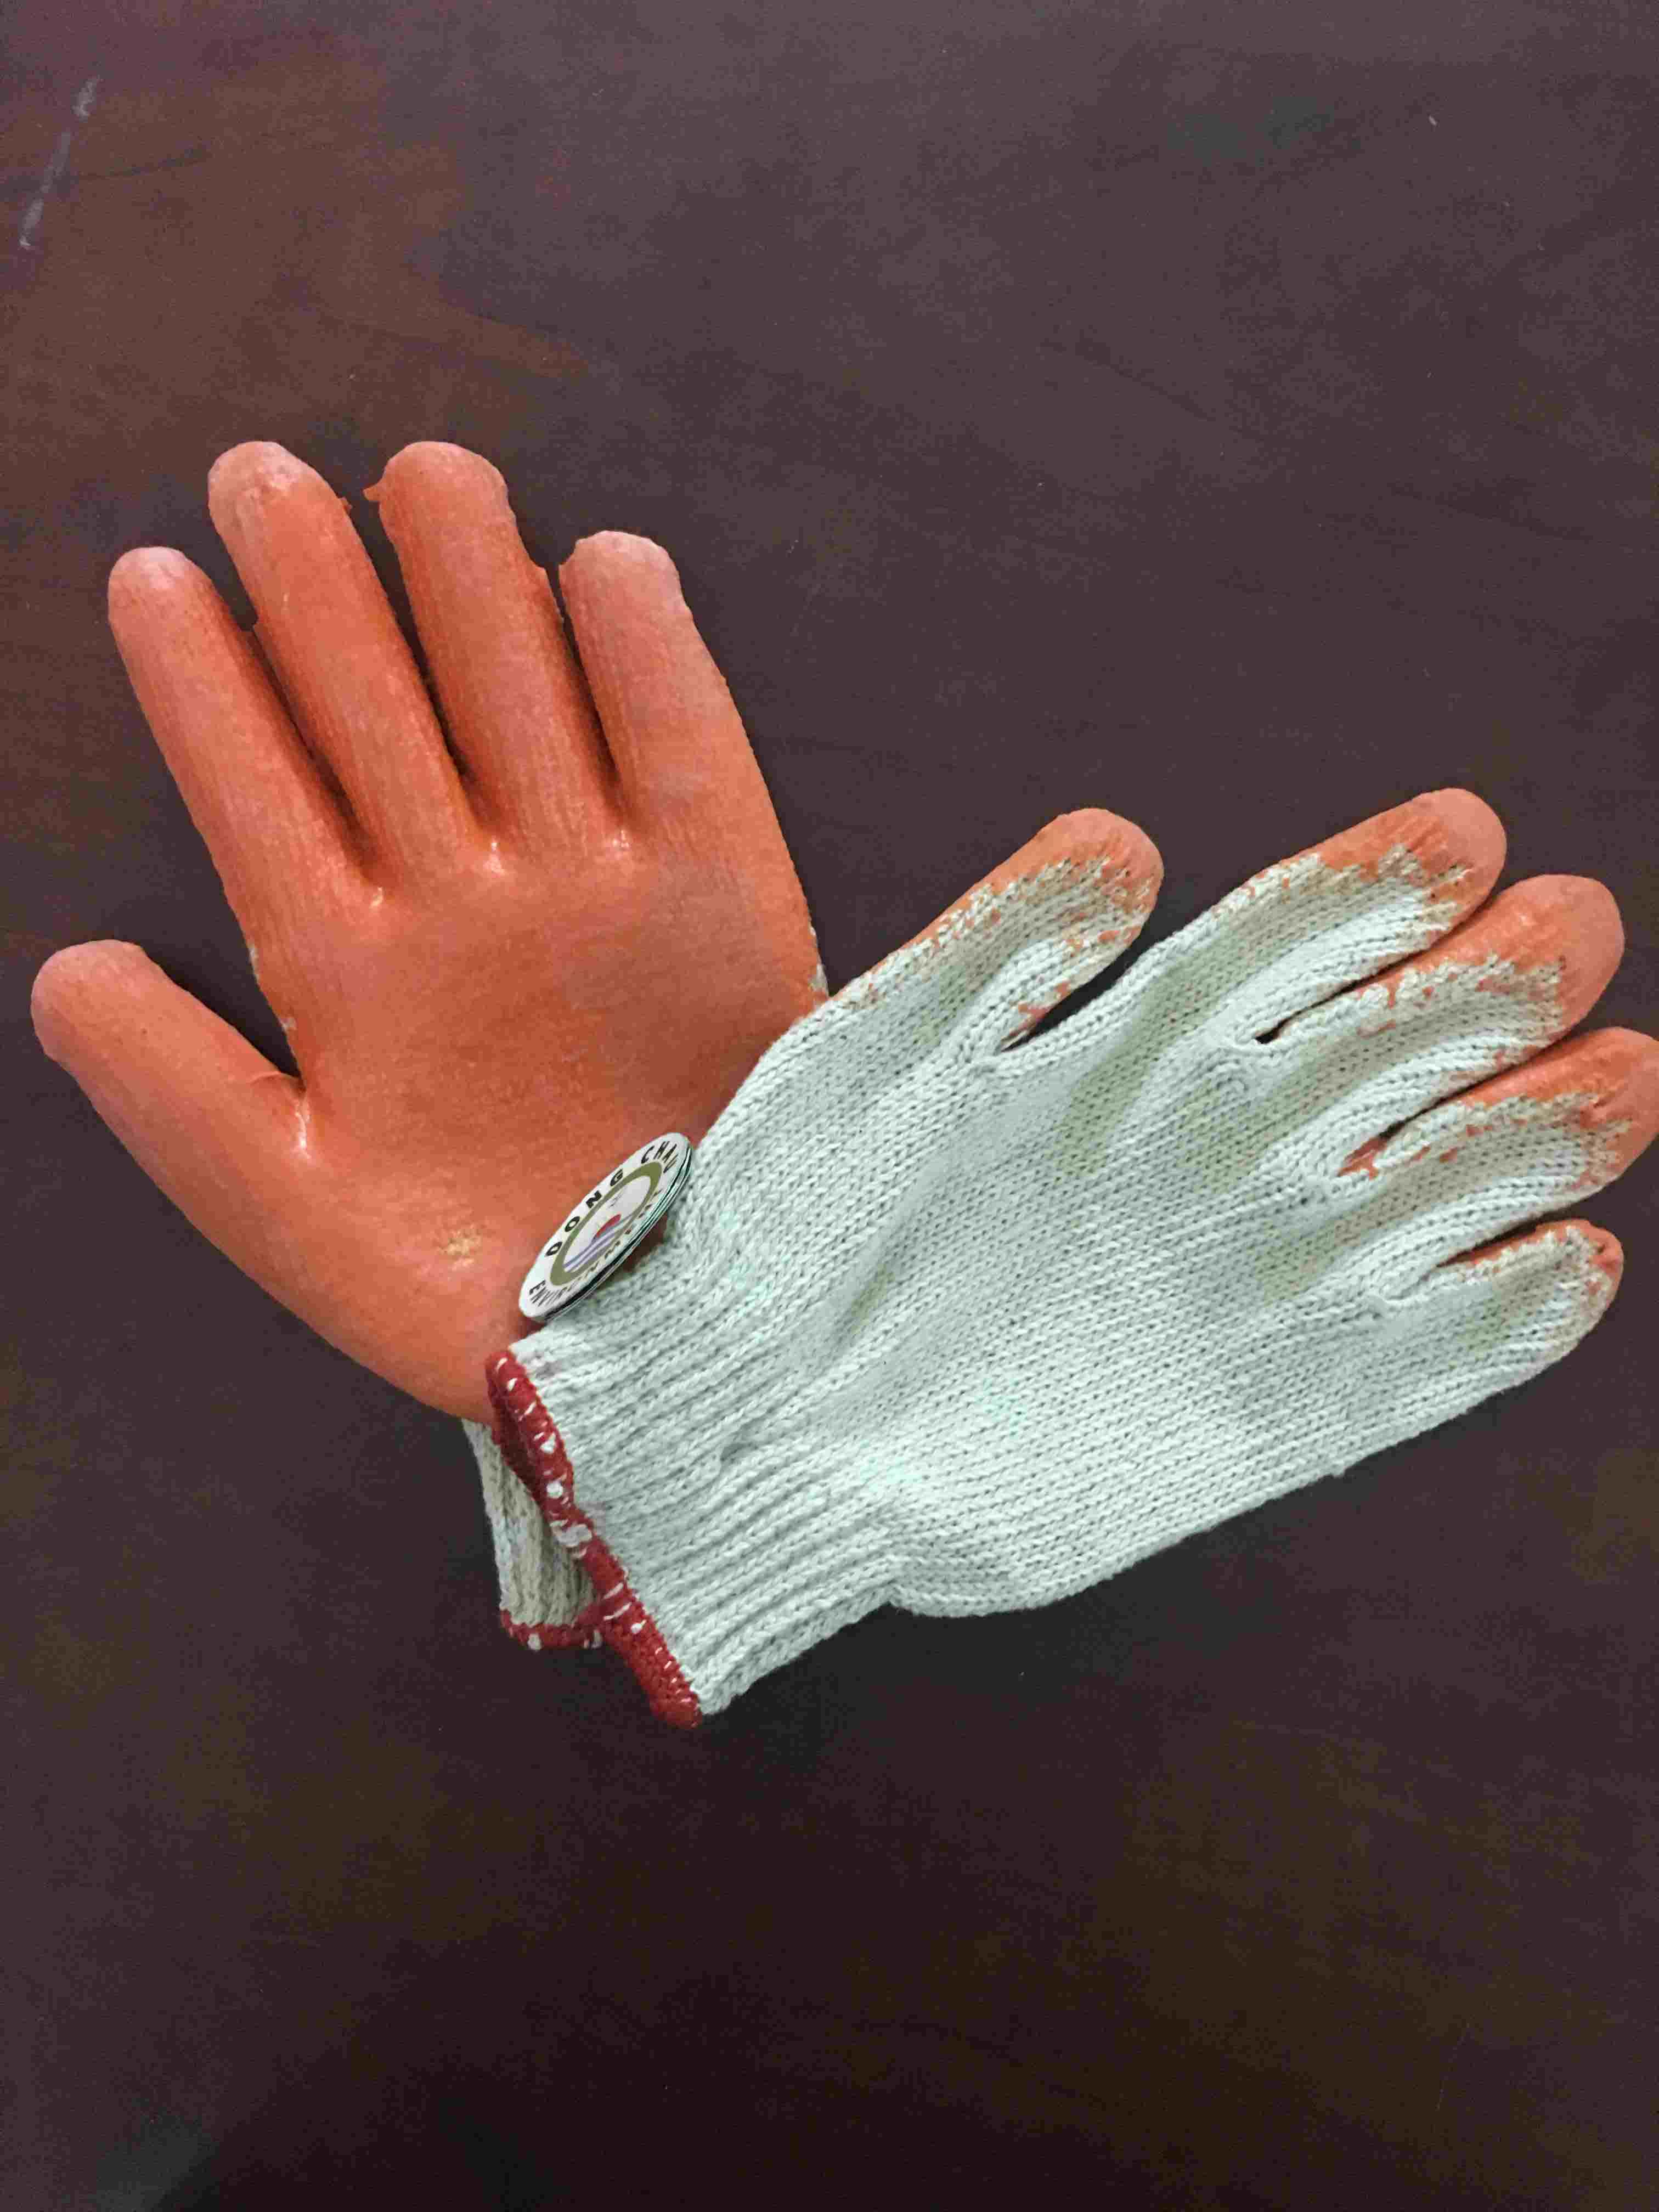 Găng tay phủ sơn màu cam